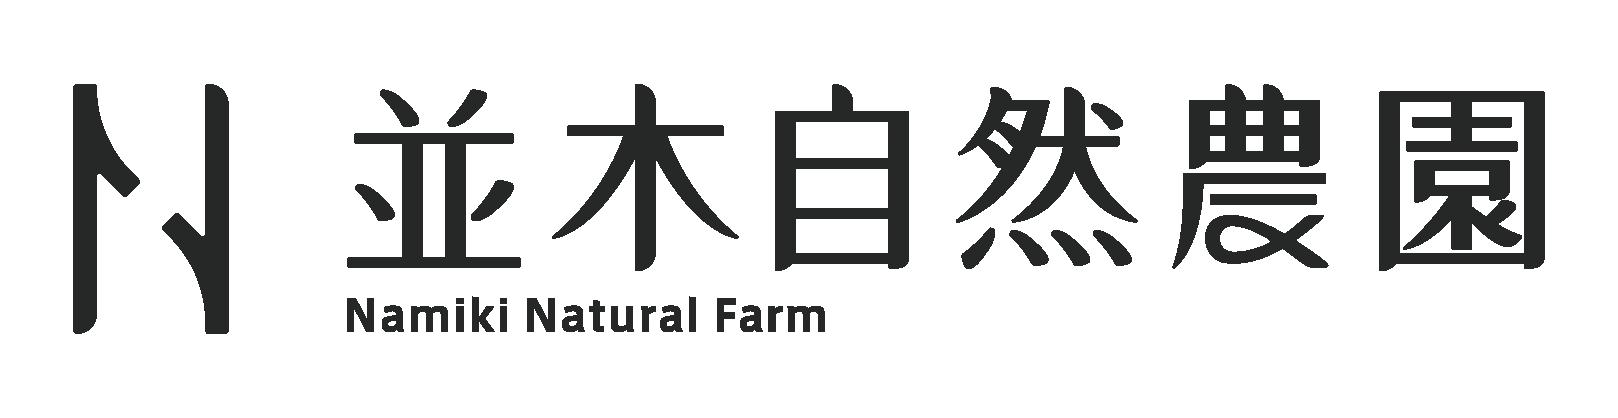 並木自然農園